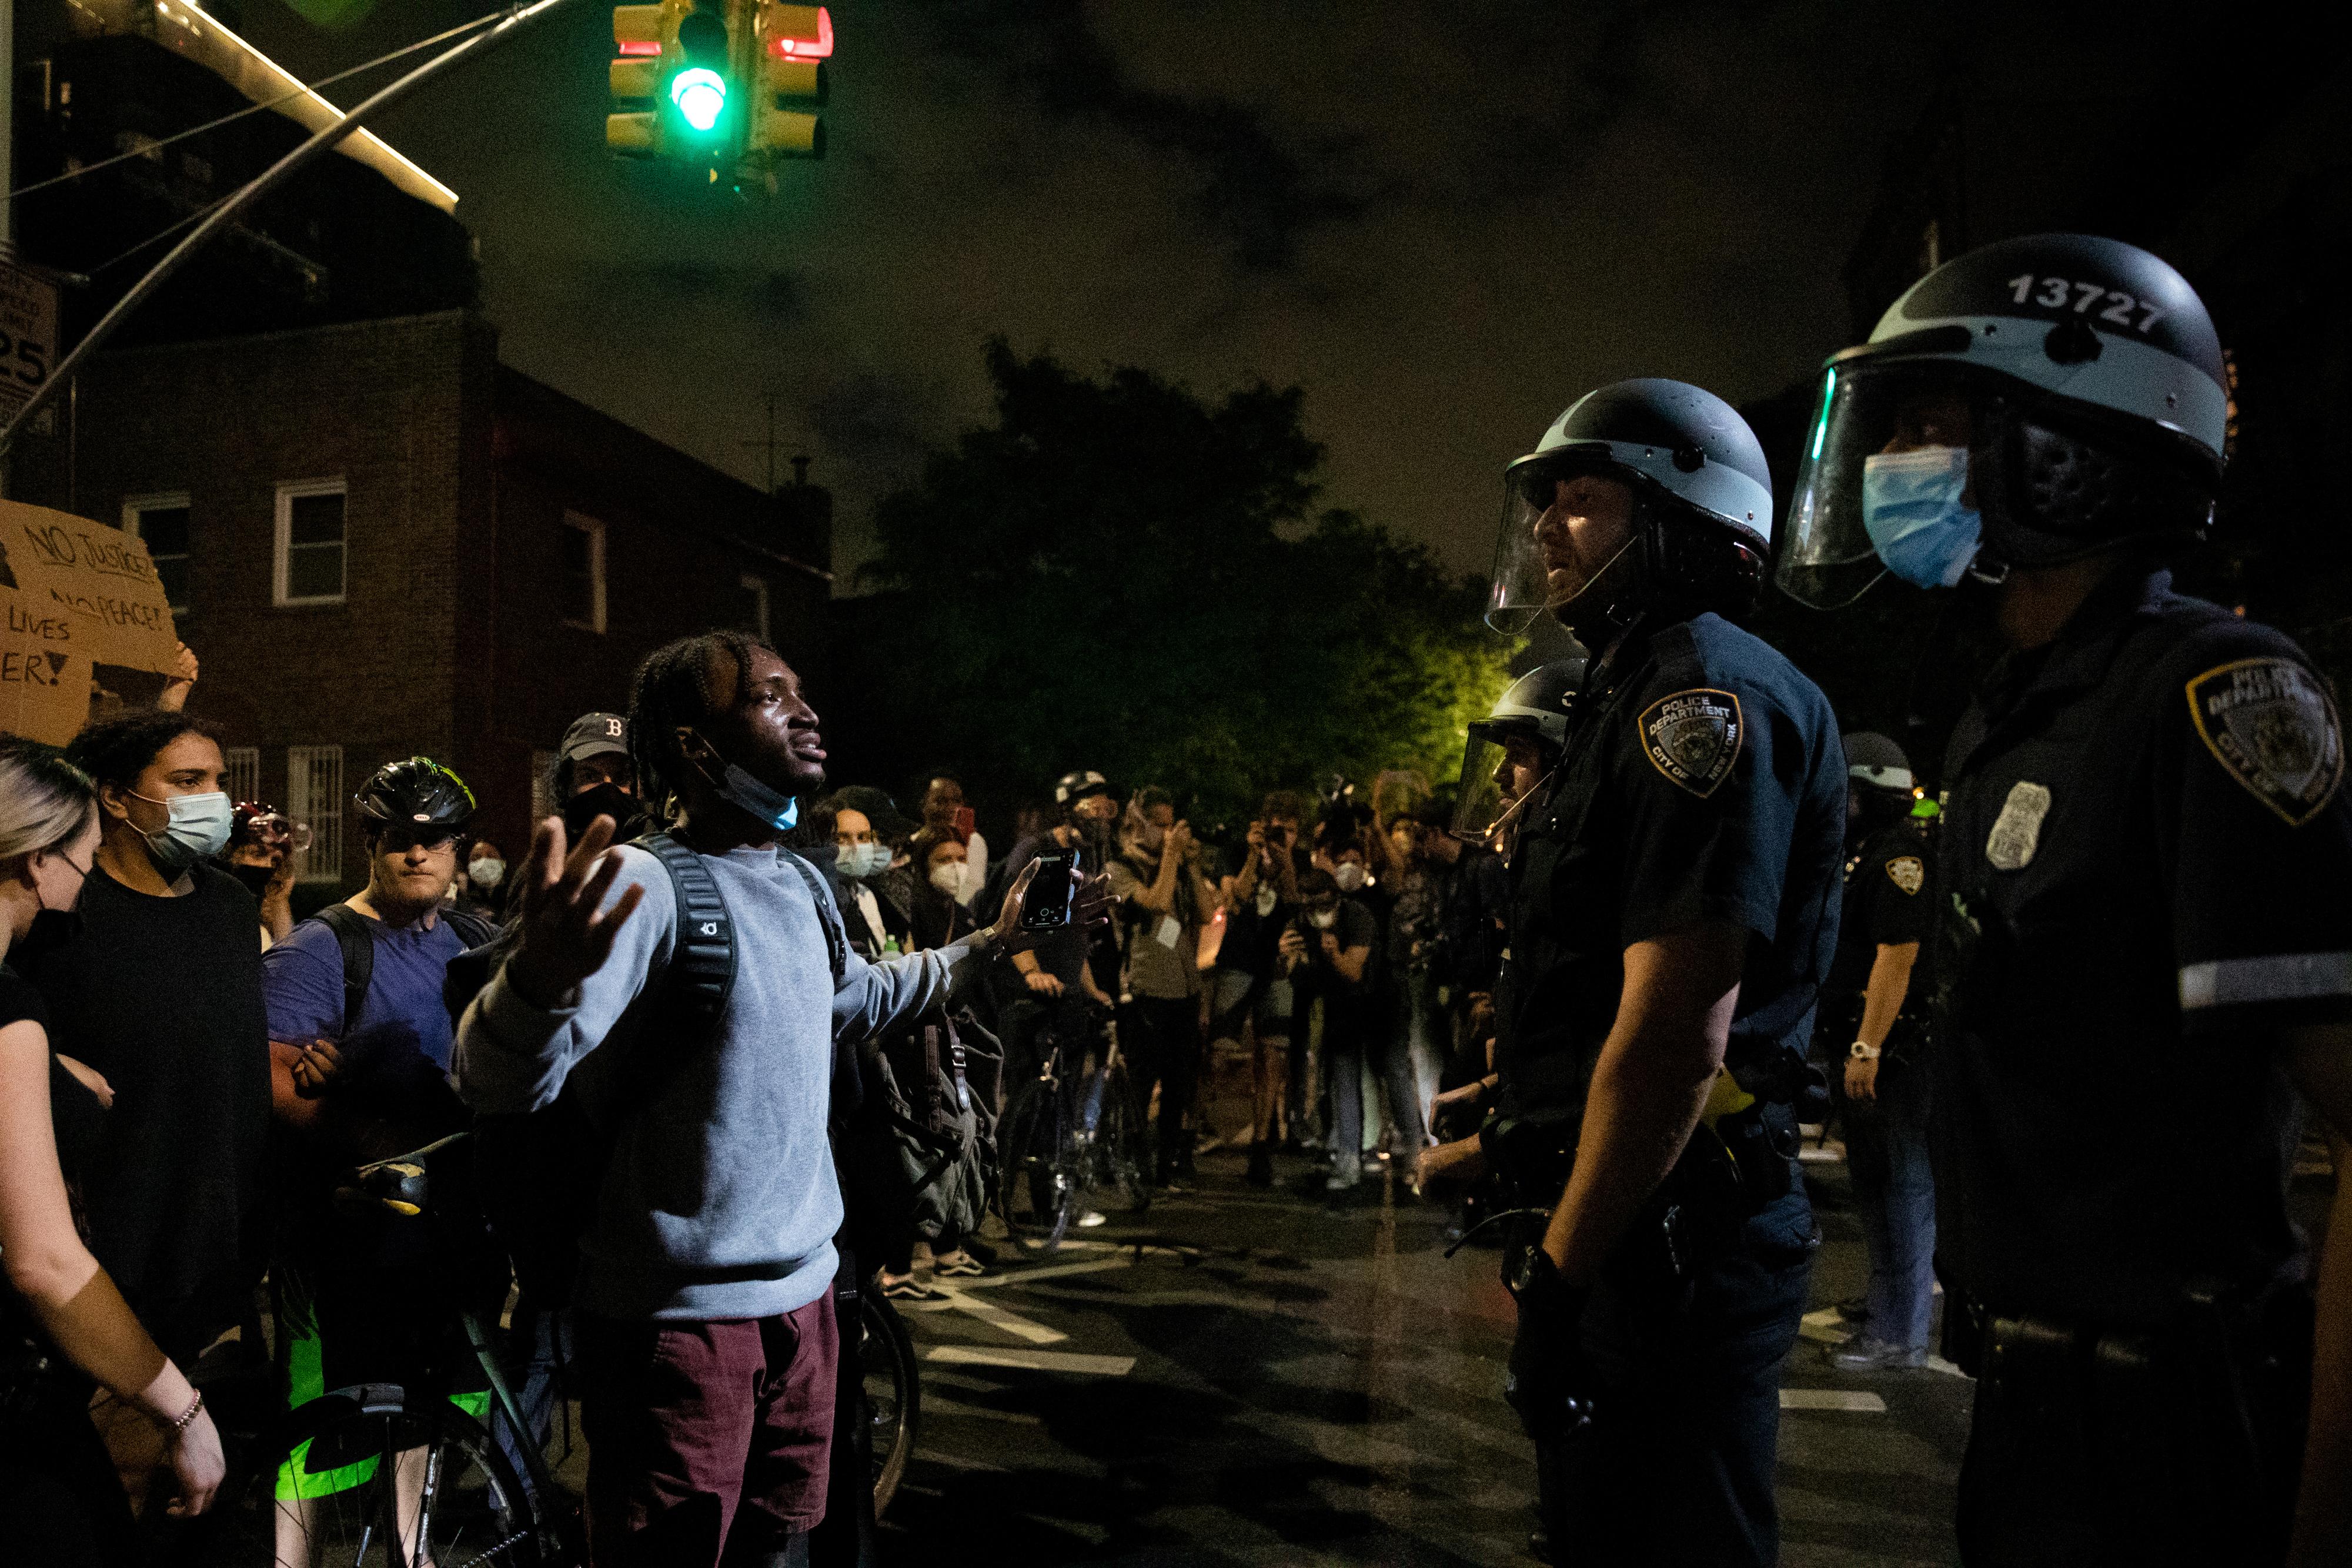 Brooklyn es una zona con amplia presencia de minorías en la Ciudad de Nueva York